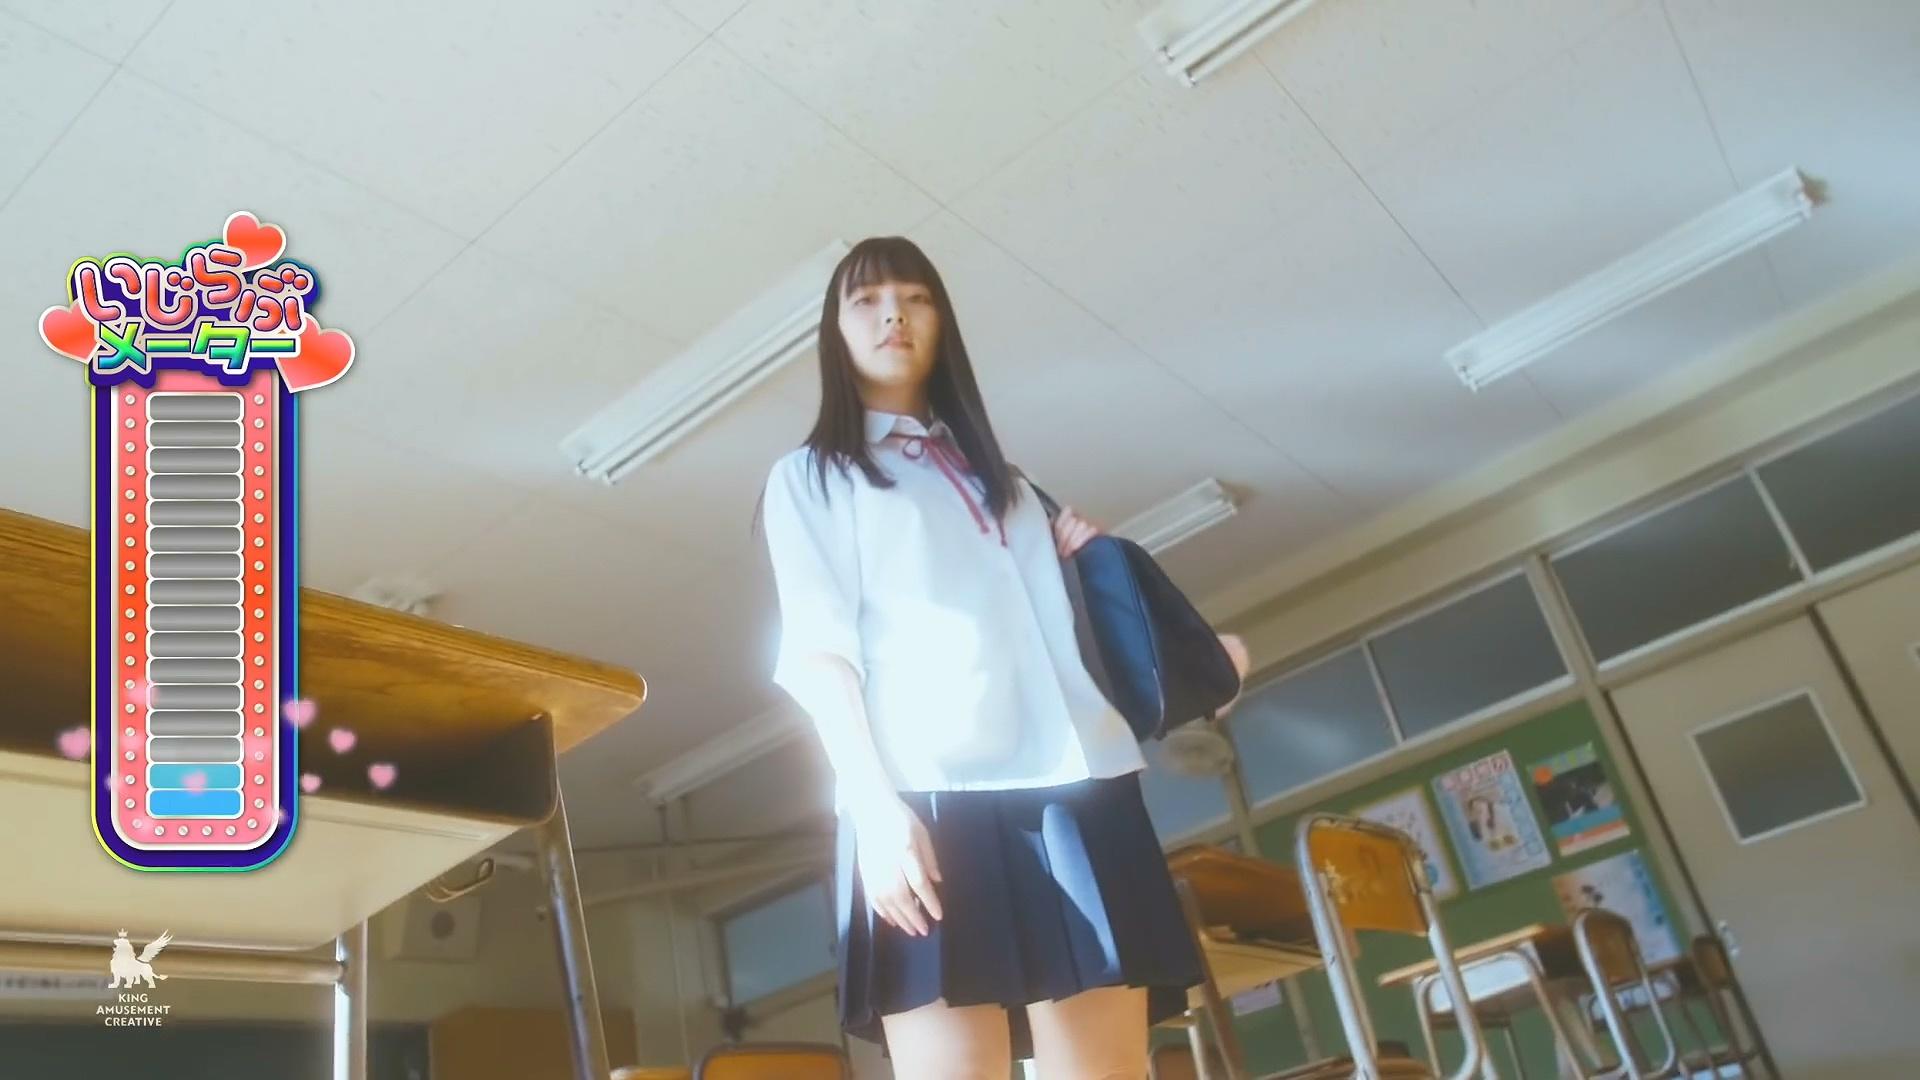 上坂すみれ「EASY LOVE」Music Video.mp4_000036.158